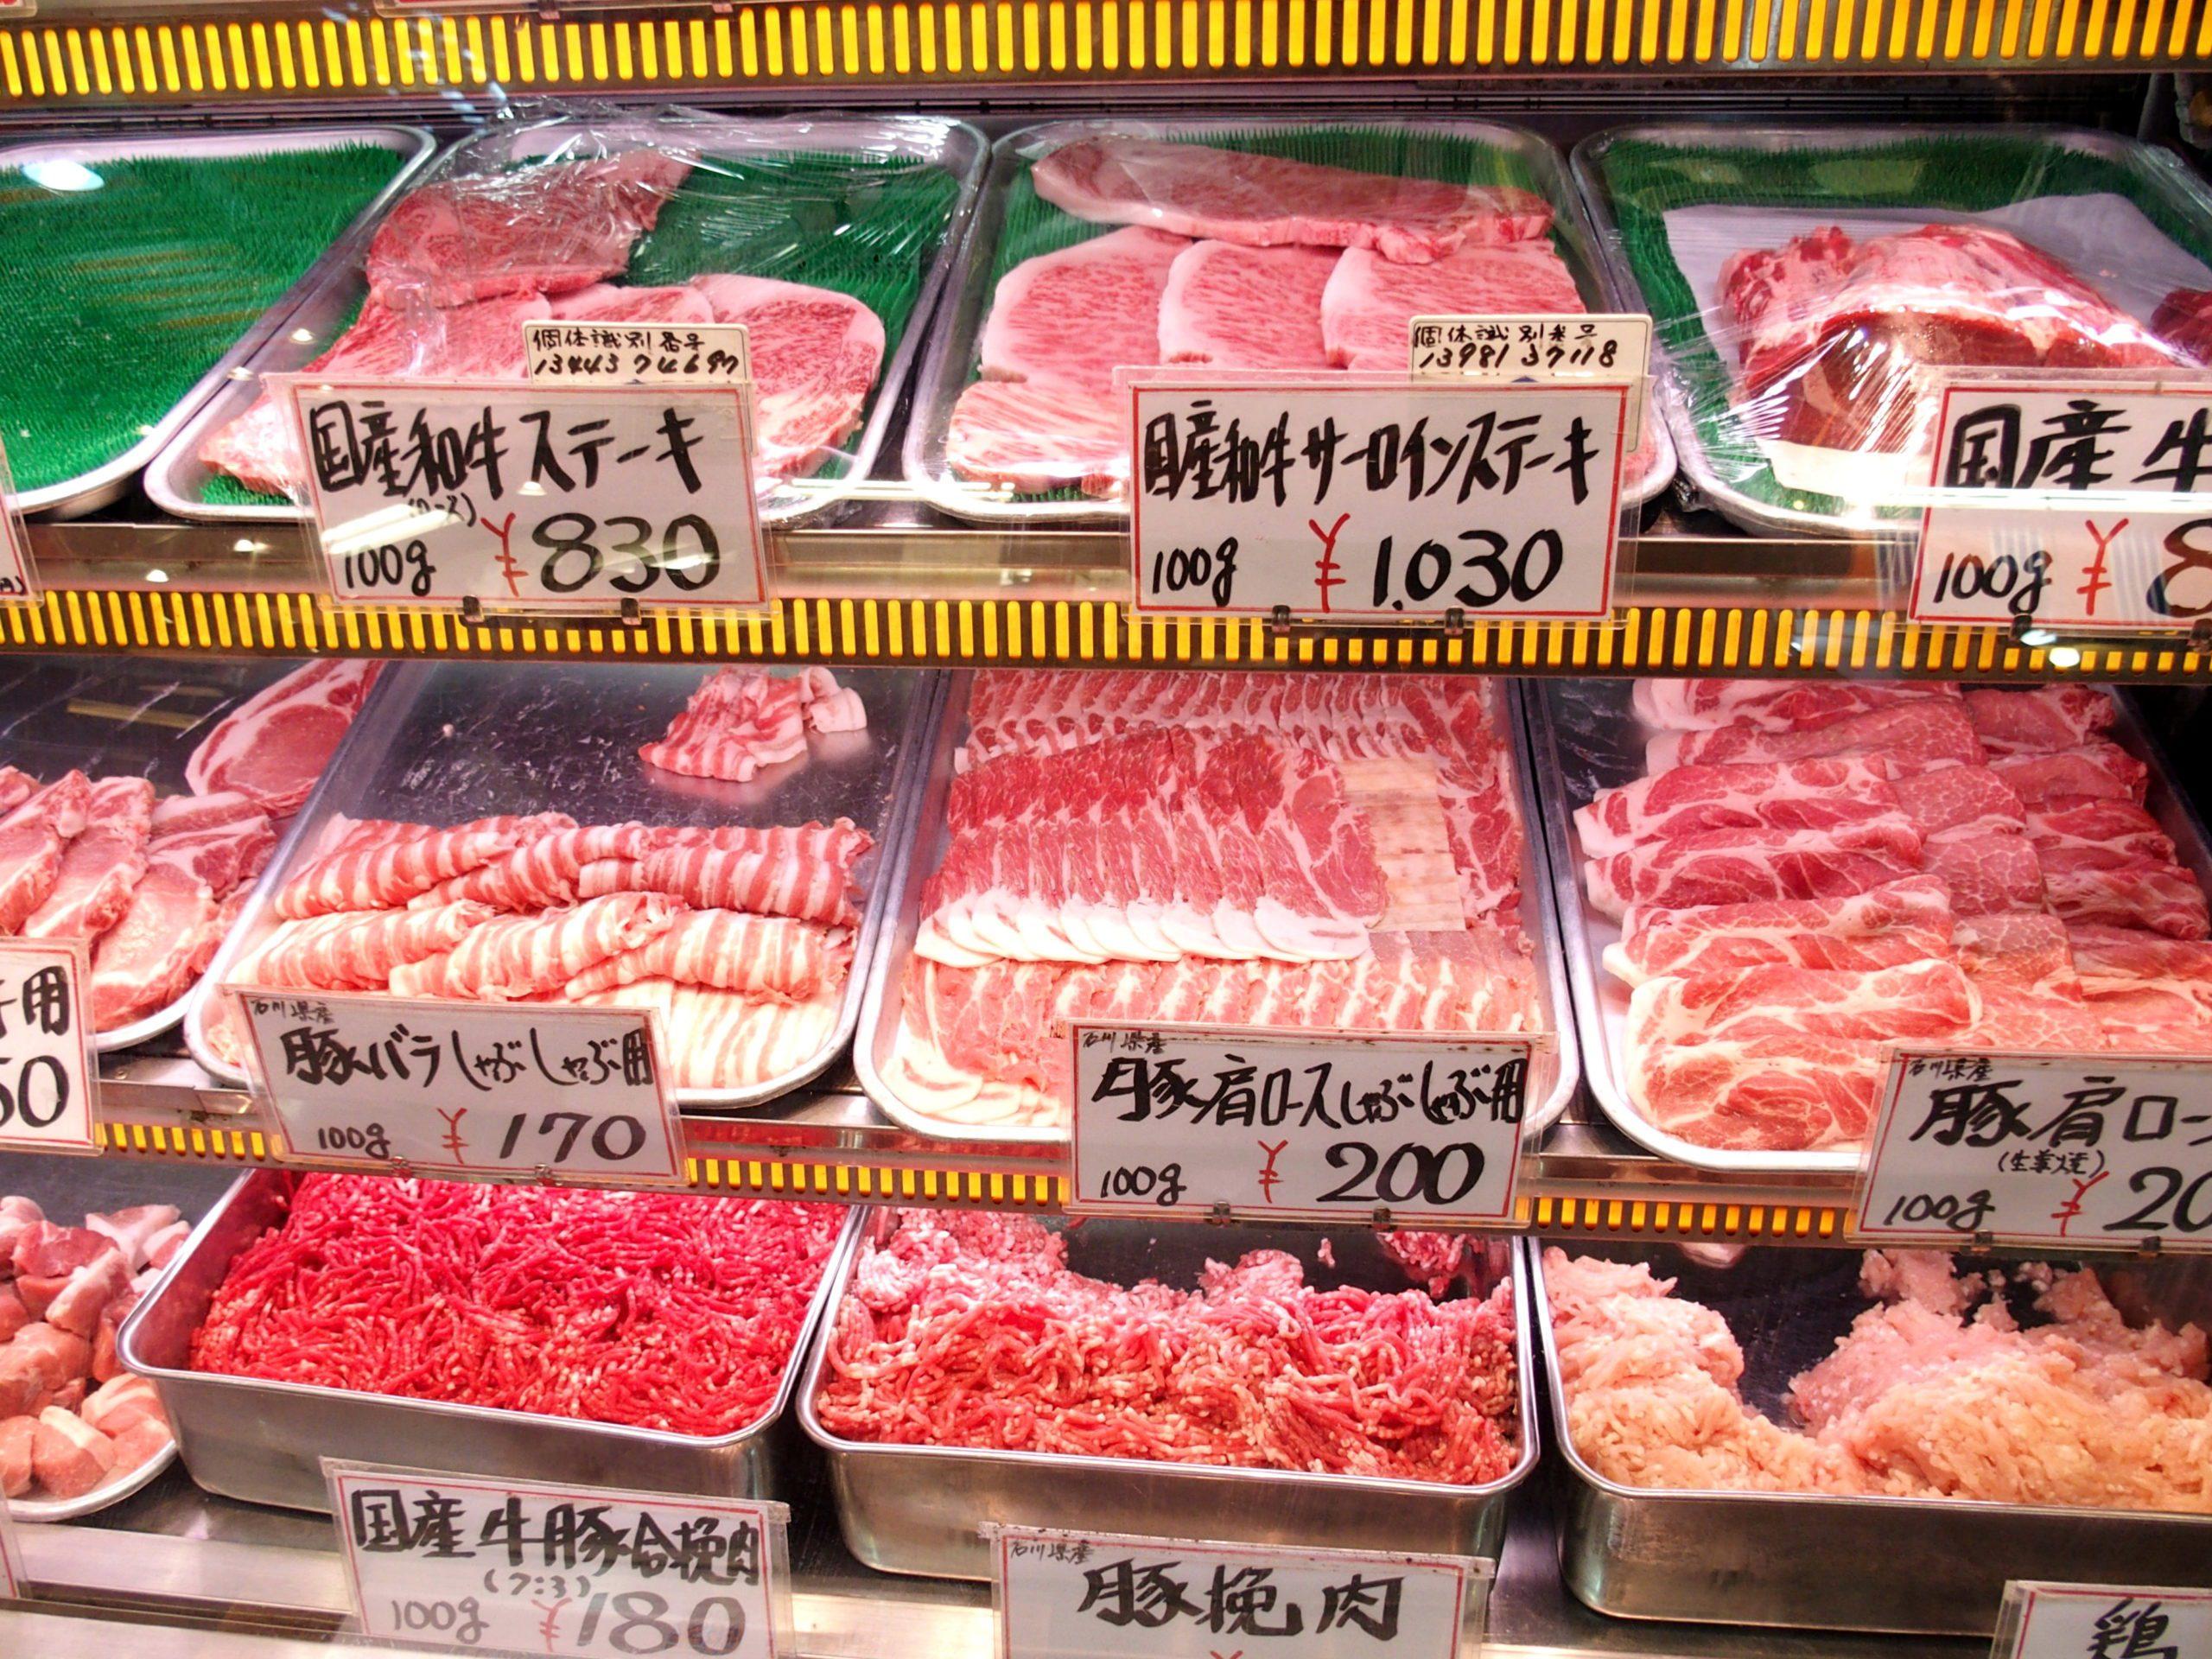 Etal de viandes marché d'Omicho Kanazawa Japon